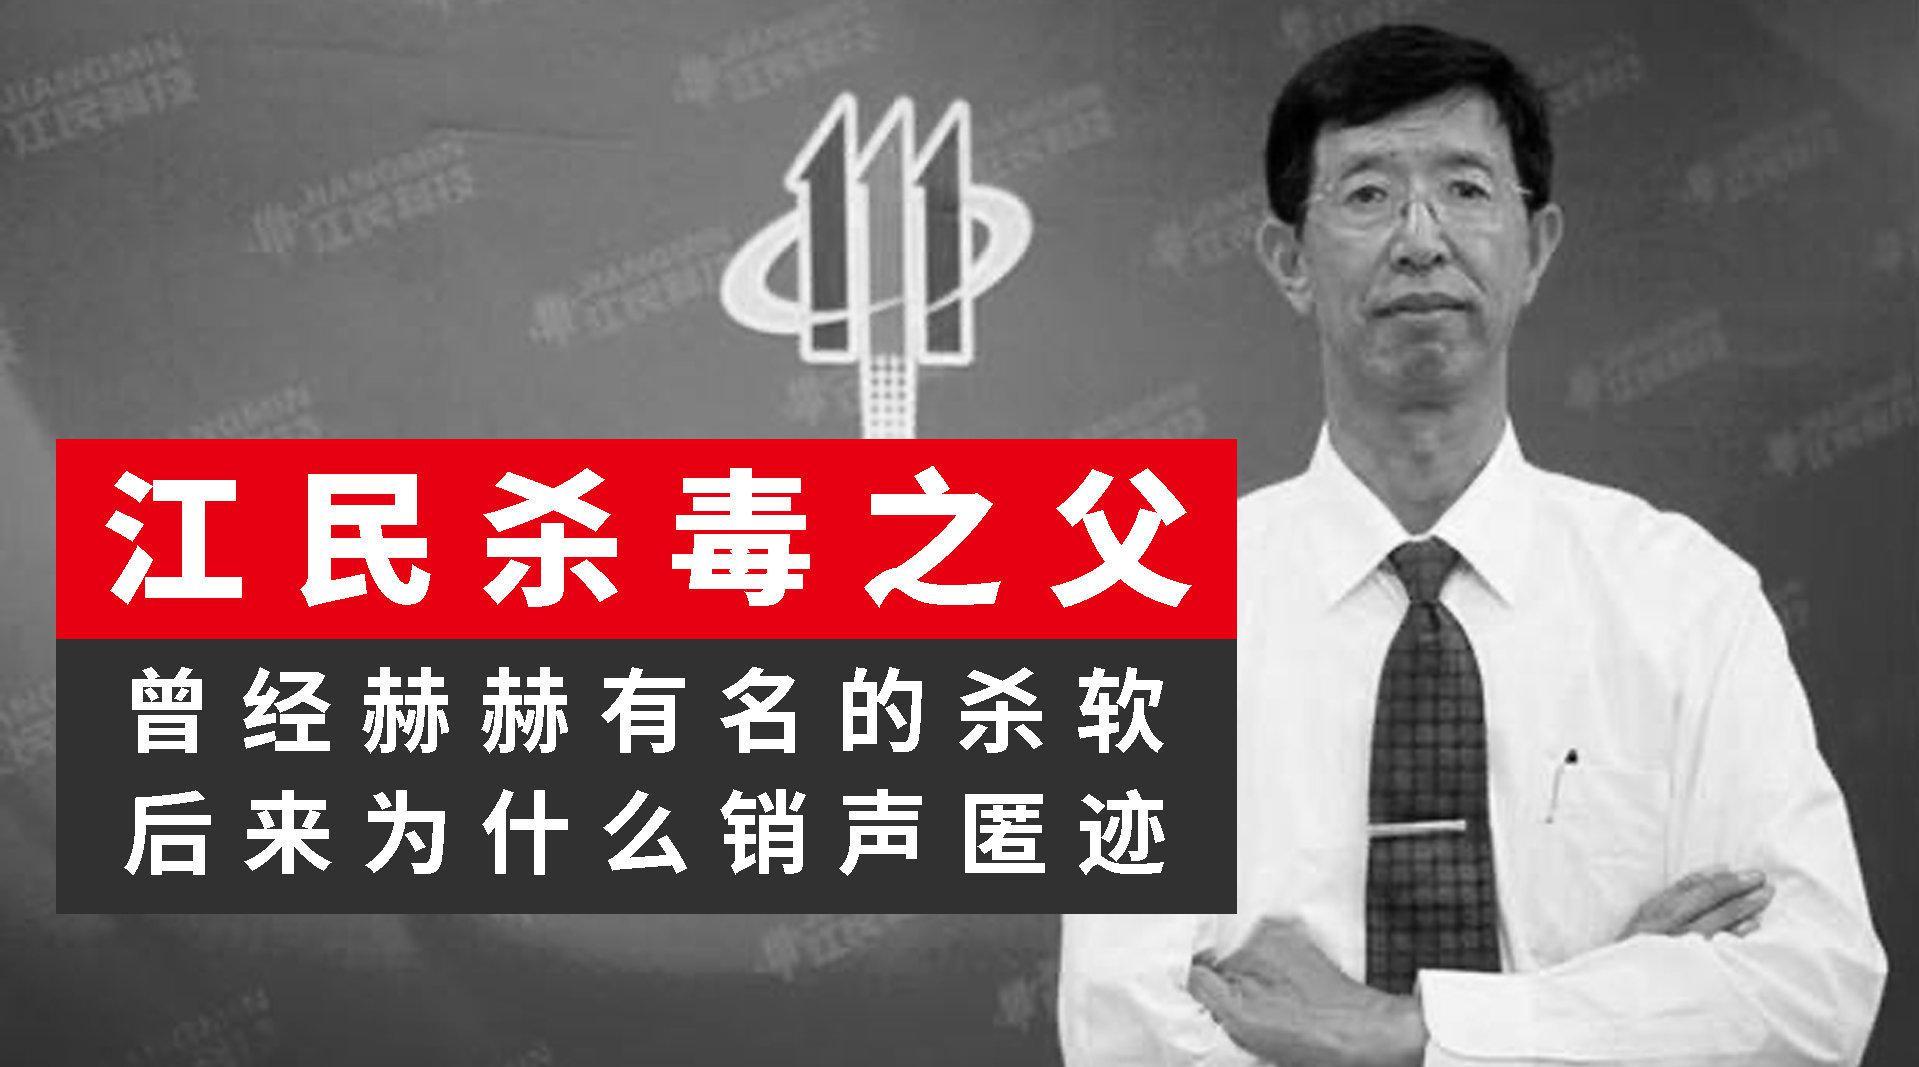 王江民和他的江民杀毒:38岁自学编程创业……